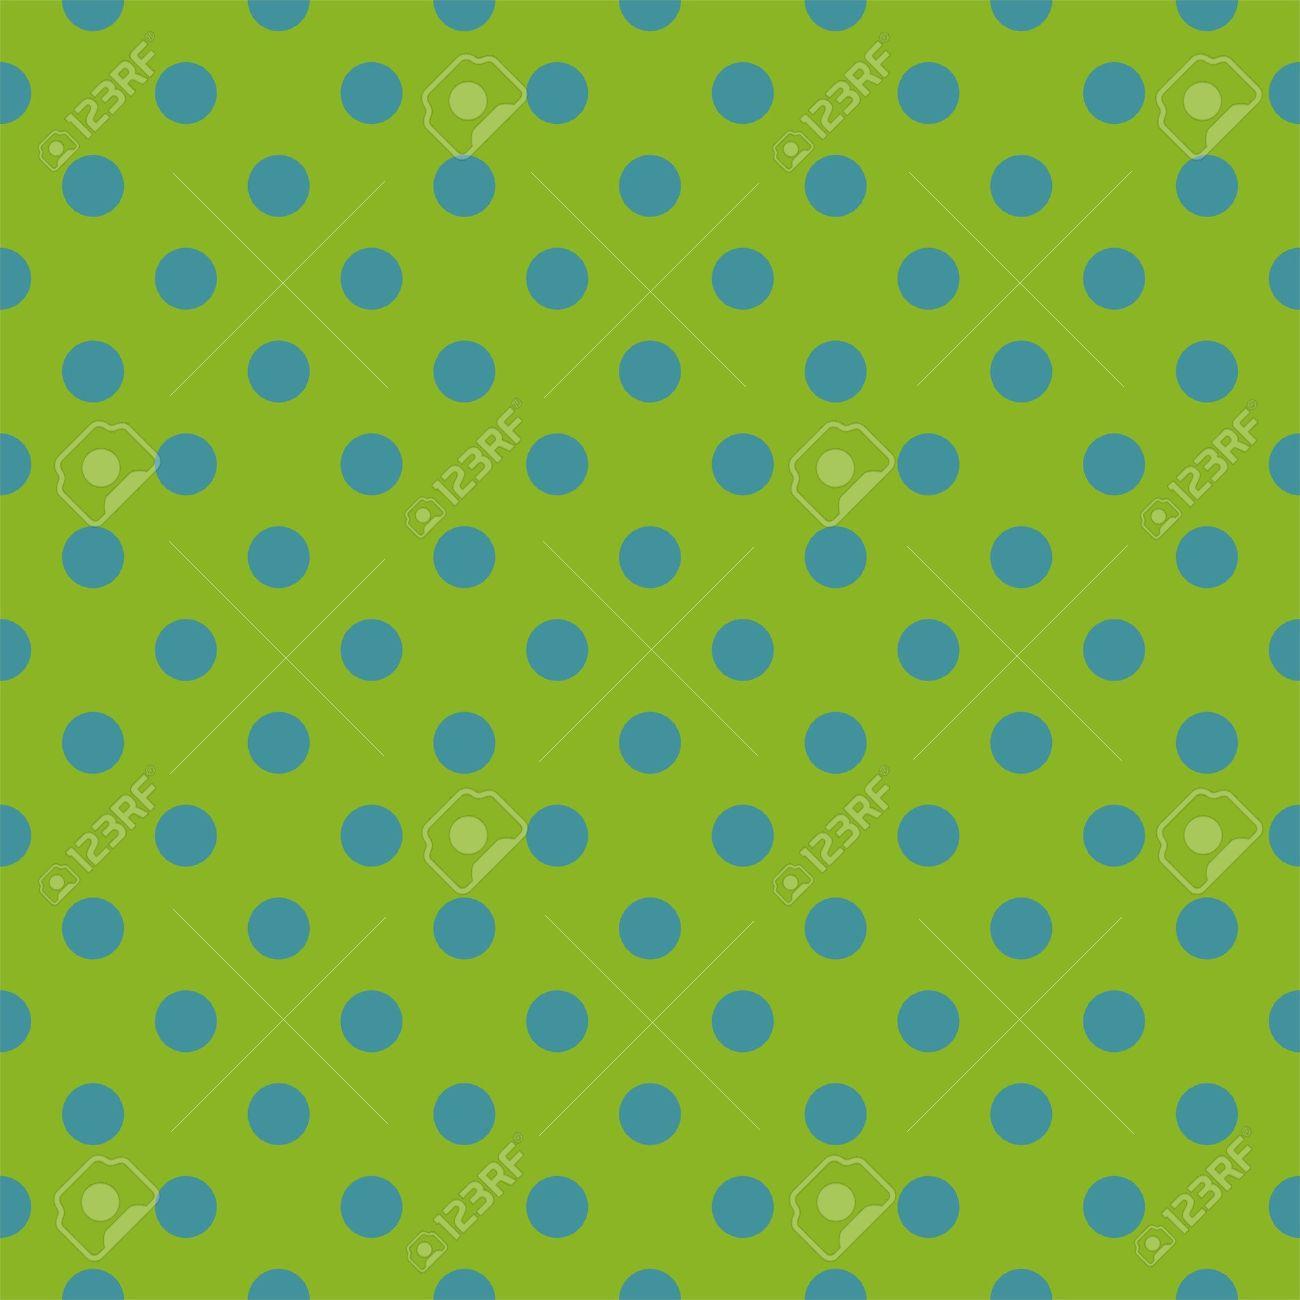 Vettoriale Senza Soluzione Di Modello Con Neon Punti Blu Polka Su